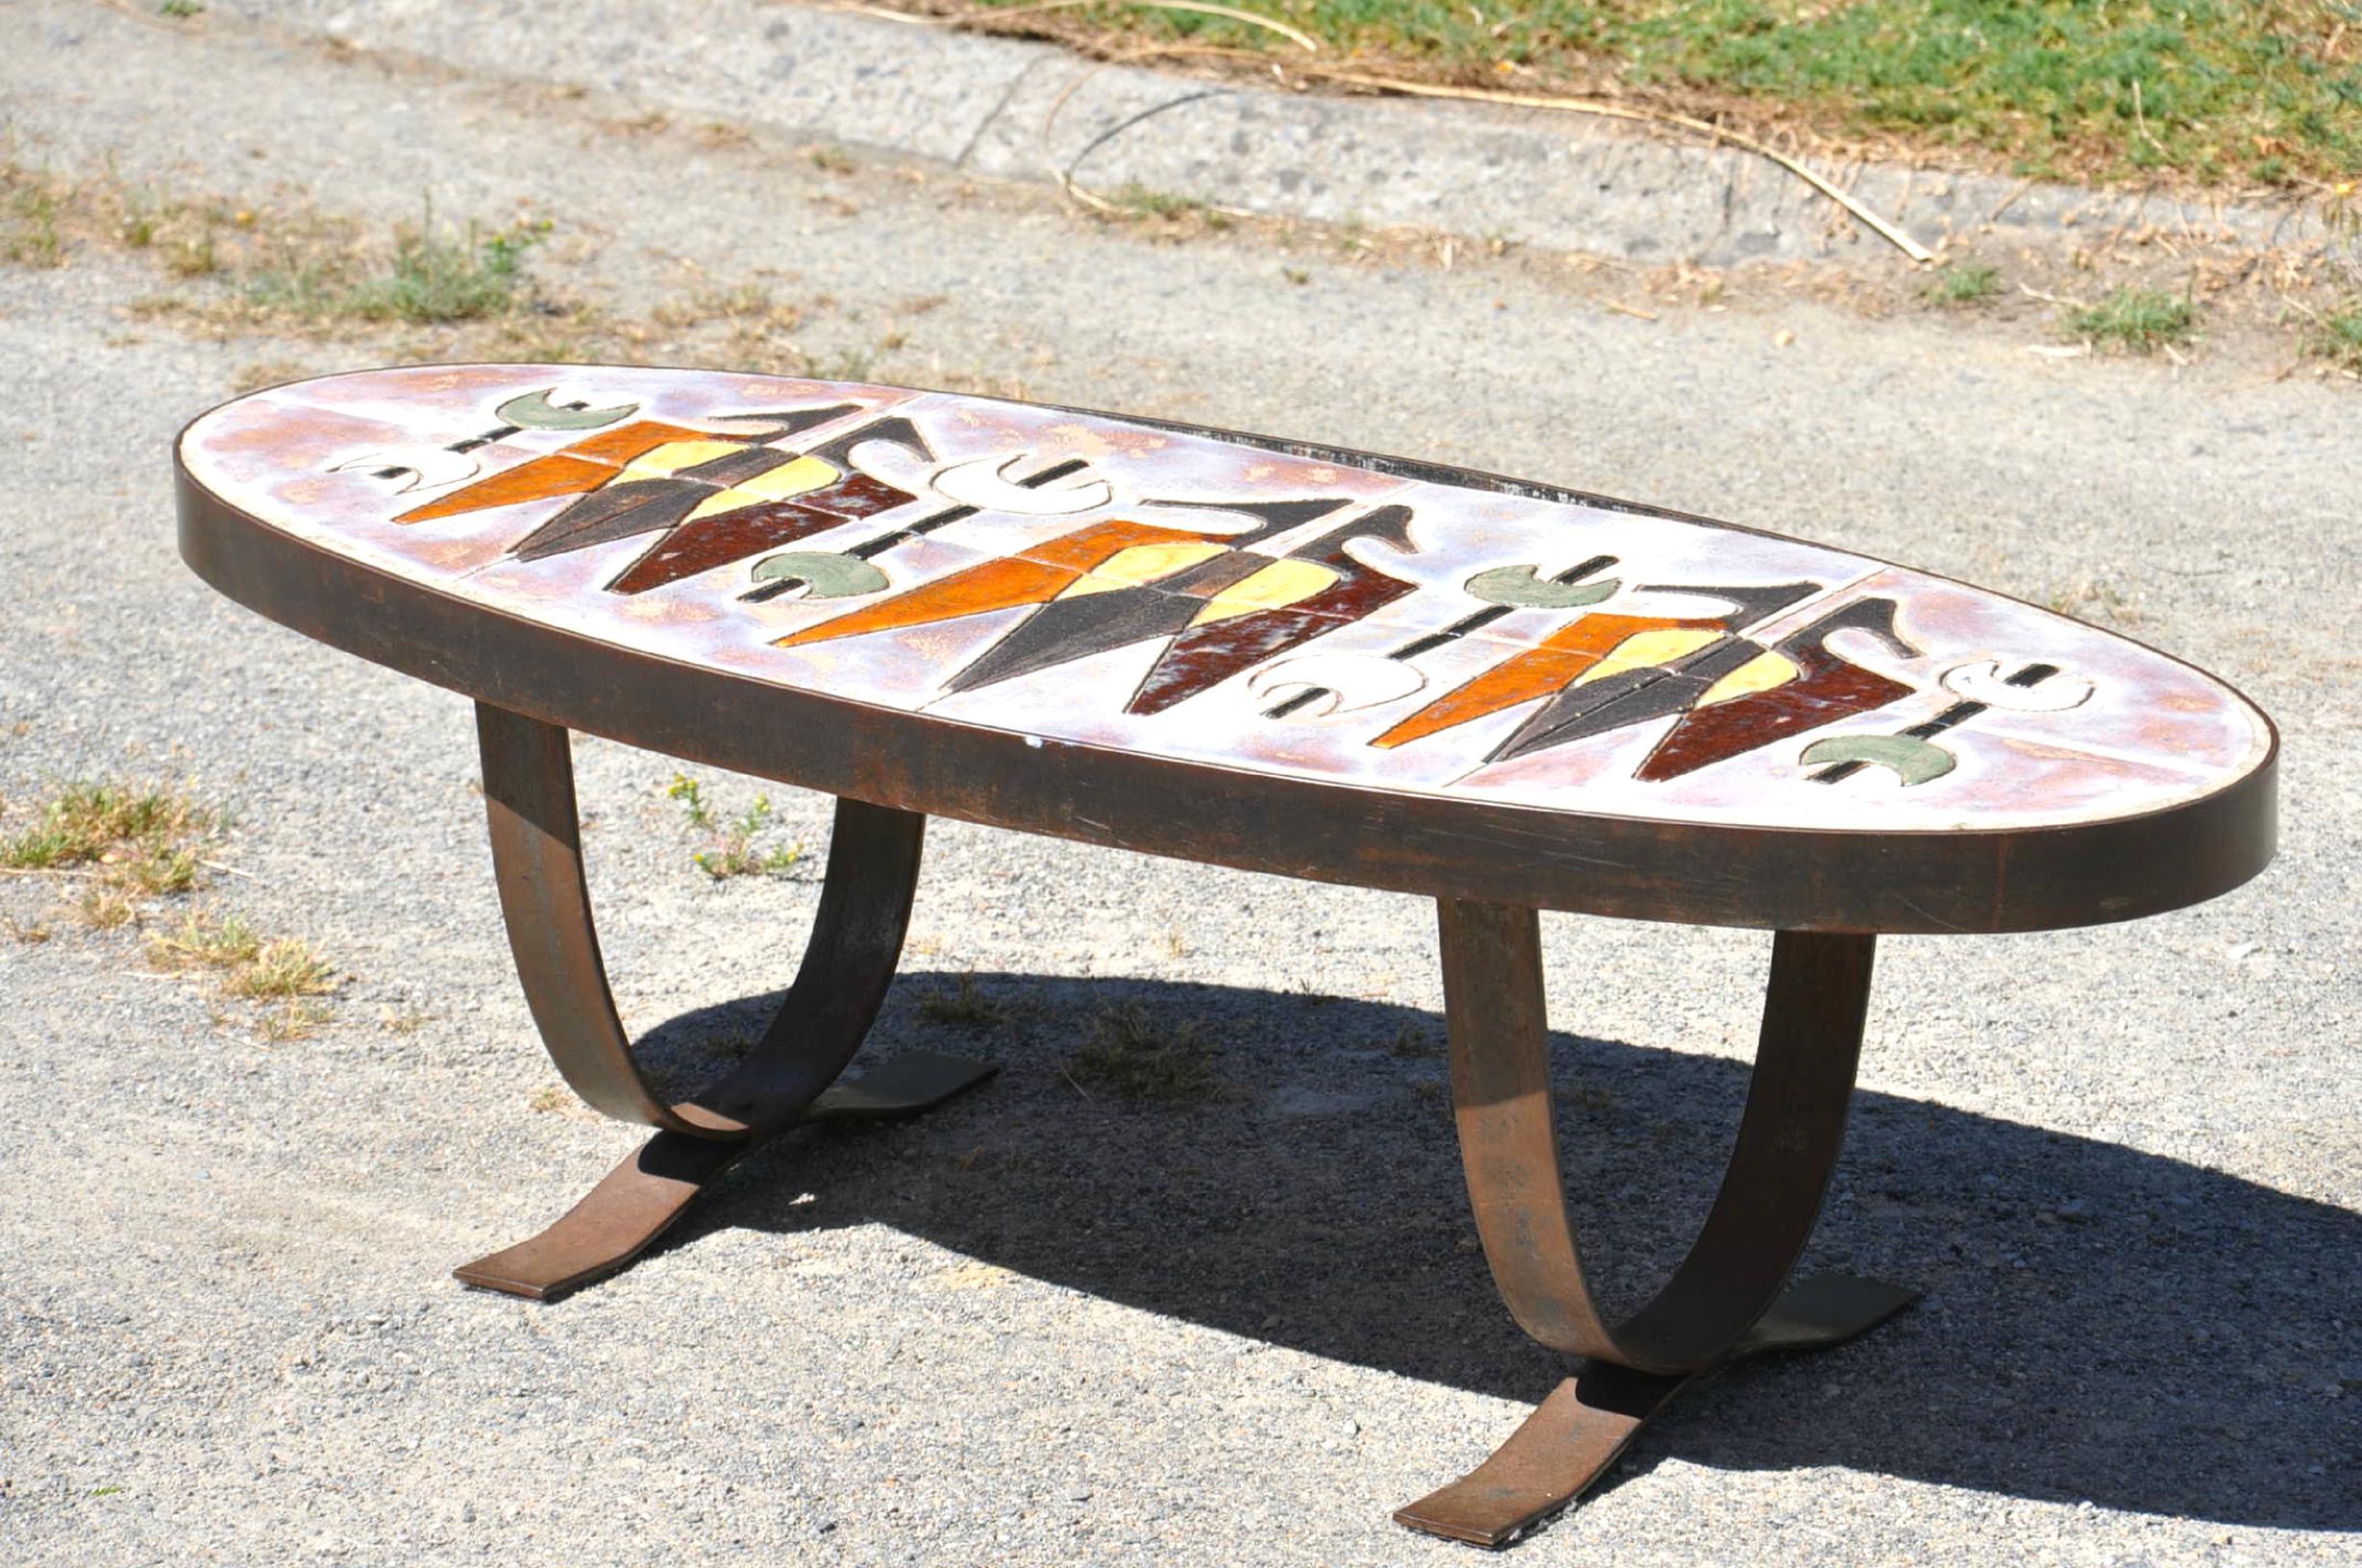 Table Basse Terrarium A Vendre table basse signe d'occasion   plus que 4 à -75%